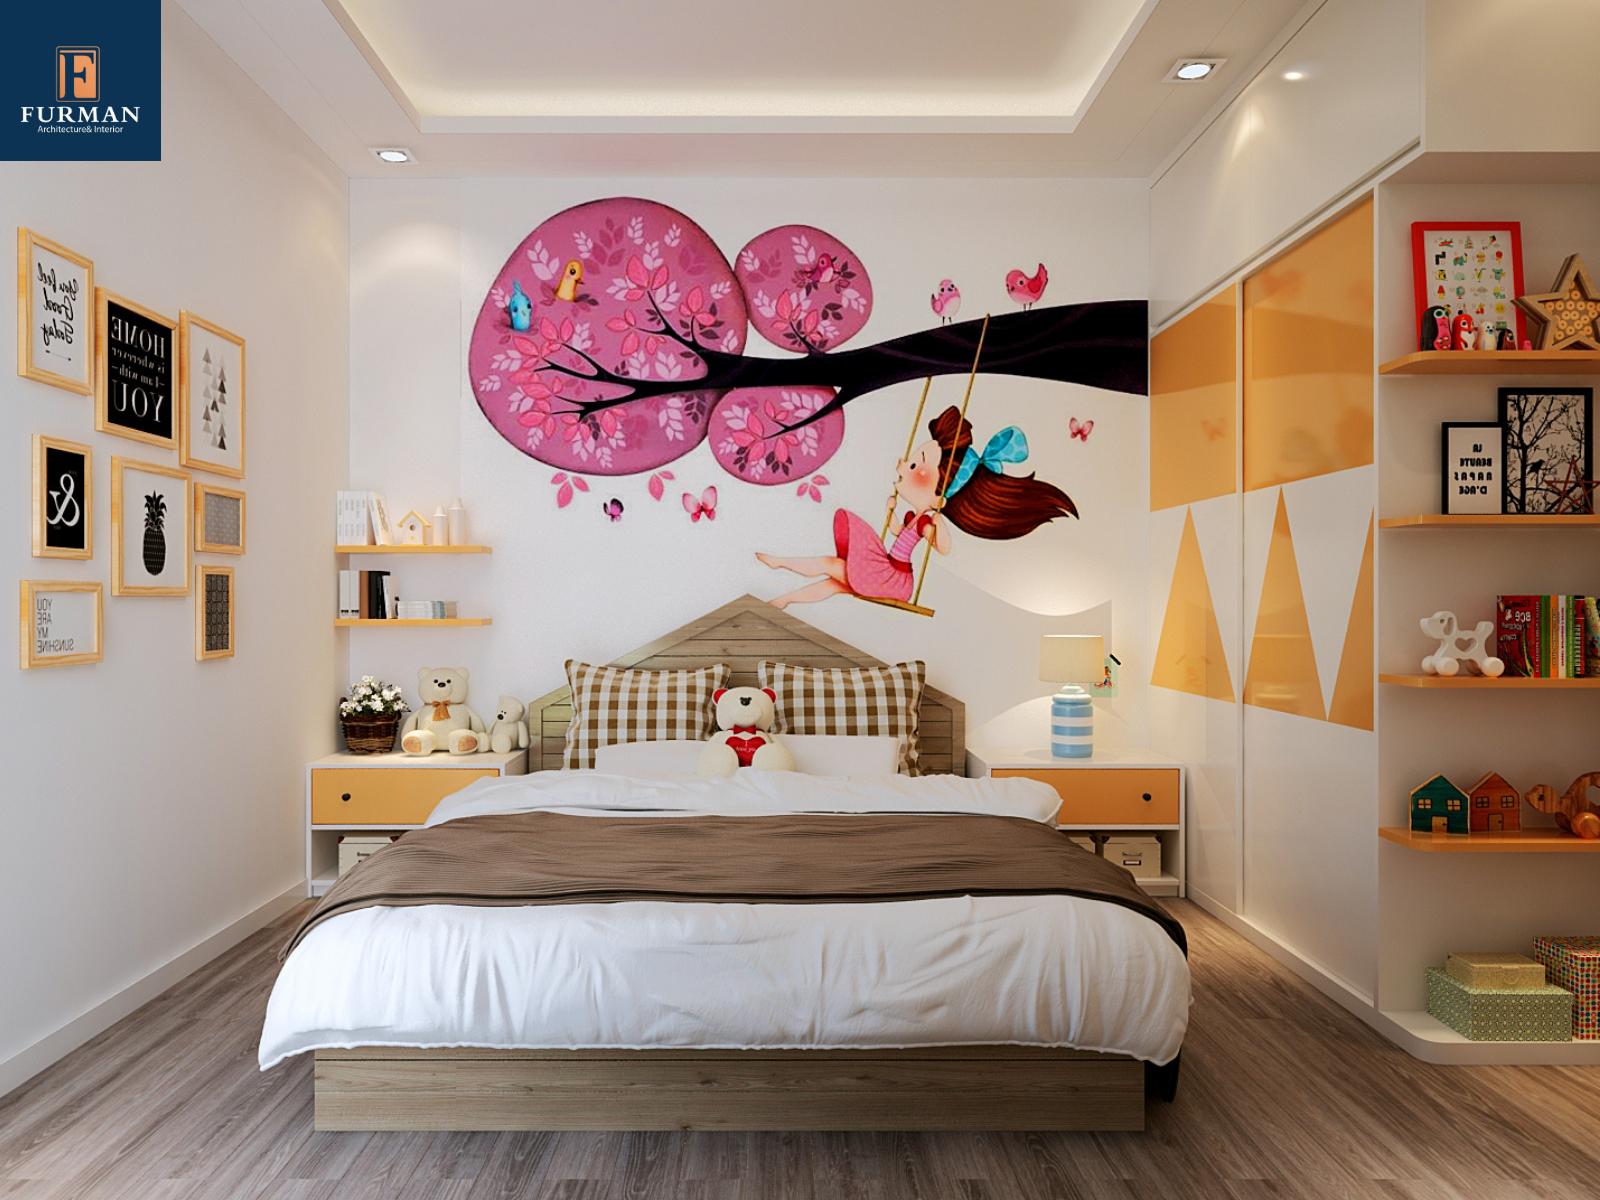 Kinh nghiệm thiết kế nội thất căn hộ chung cư tiết kiệm chi phí